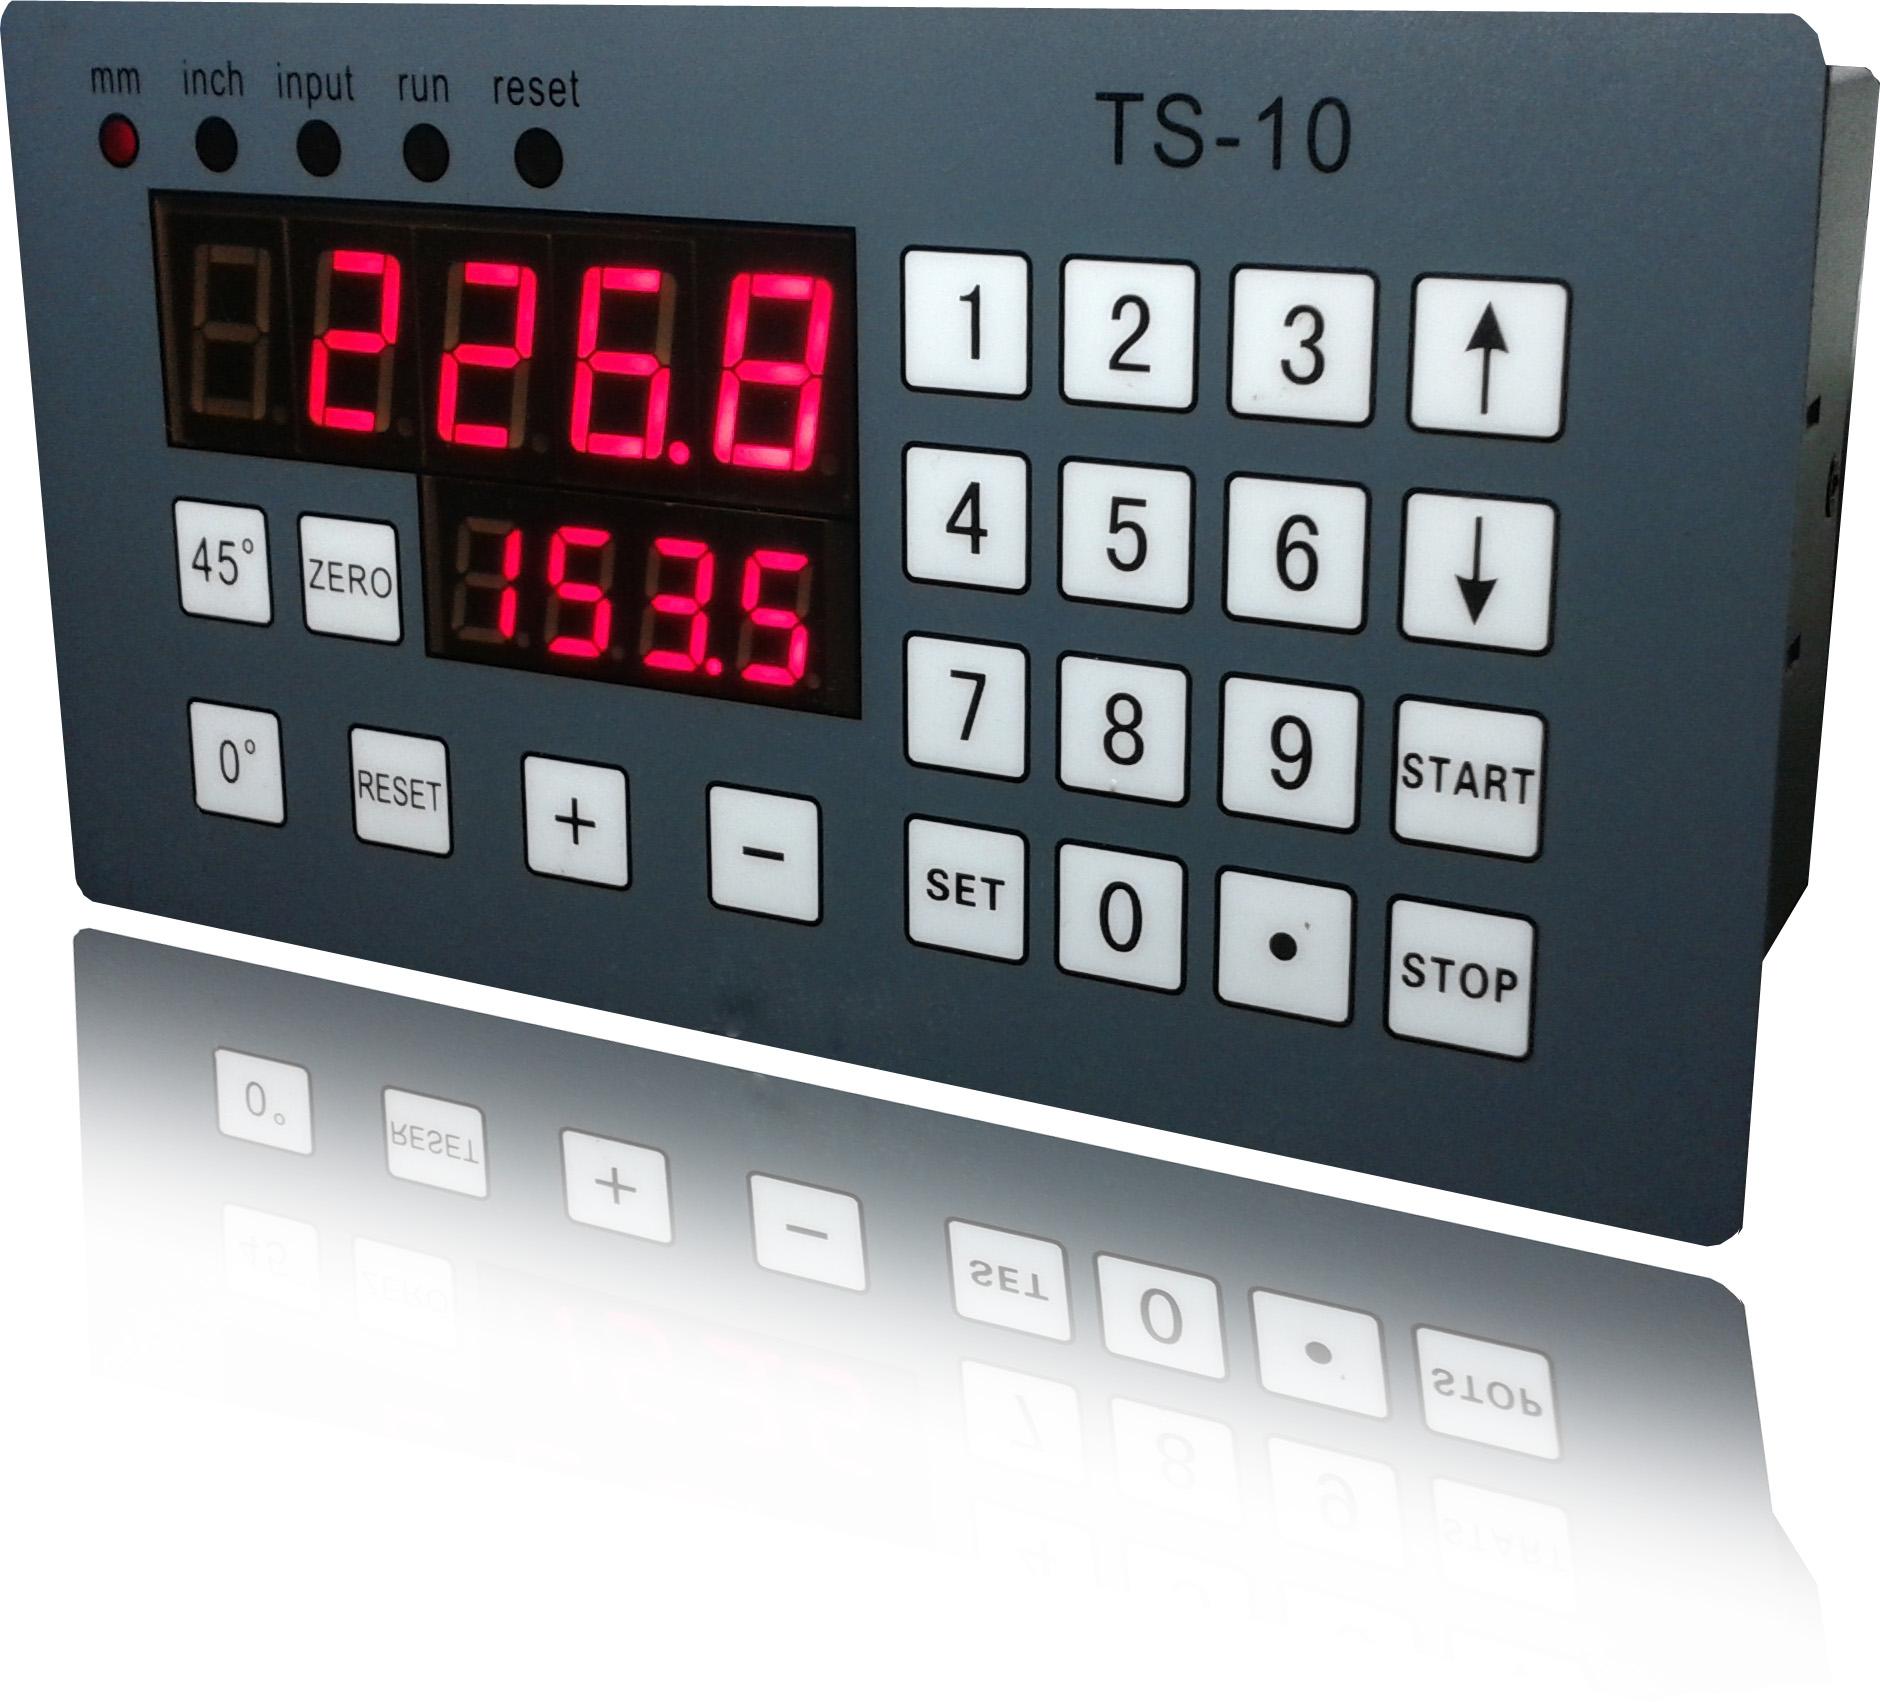 ts10 伺服电机/步进电机控制器 角度测量显示